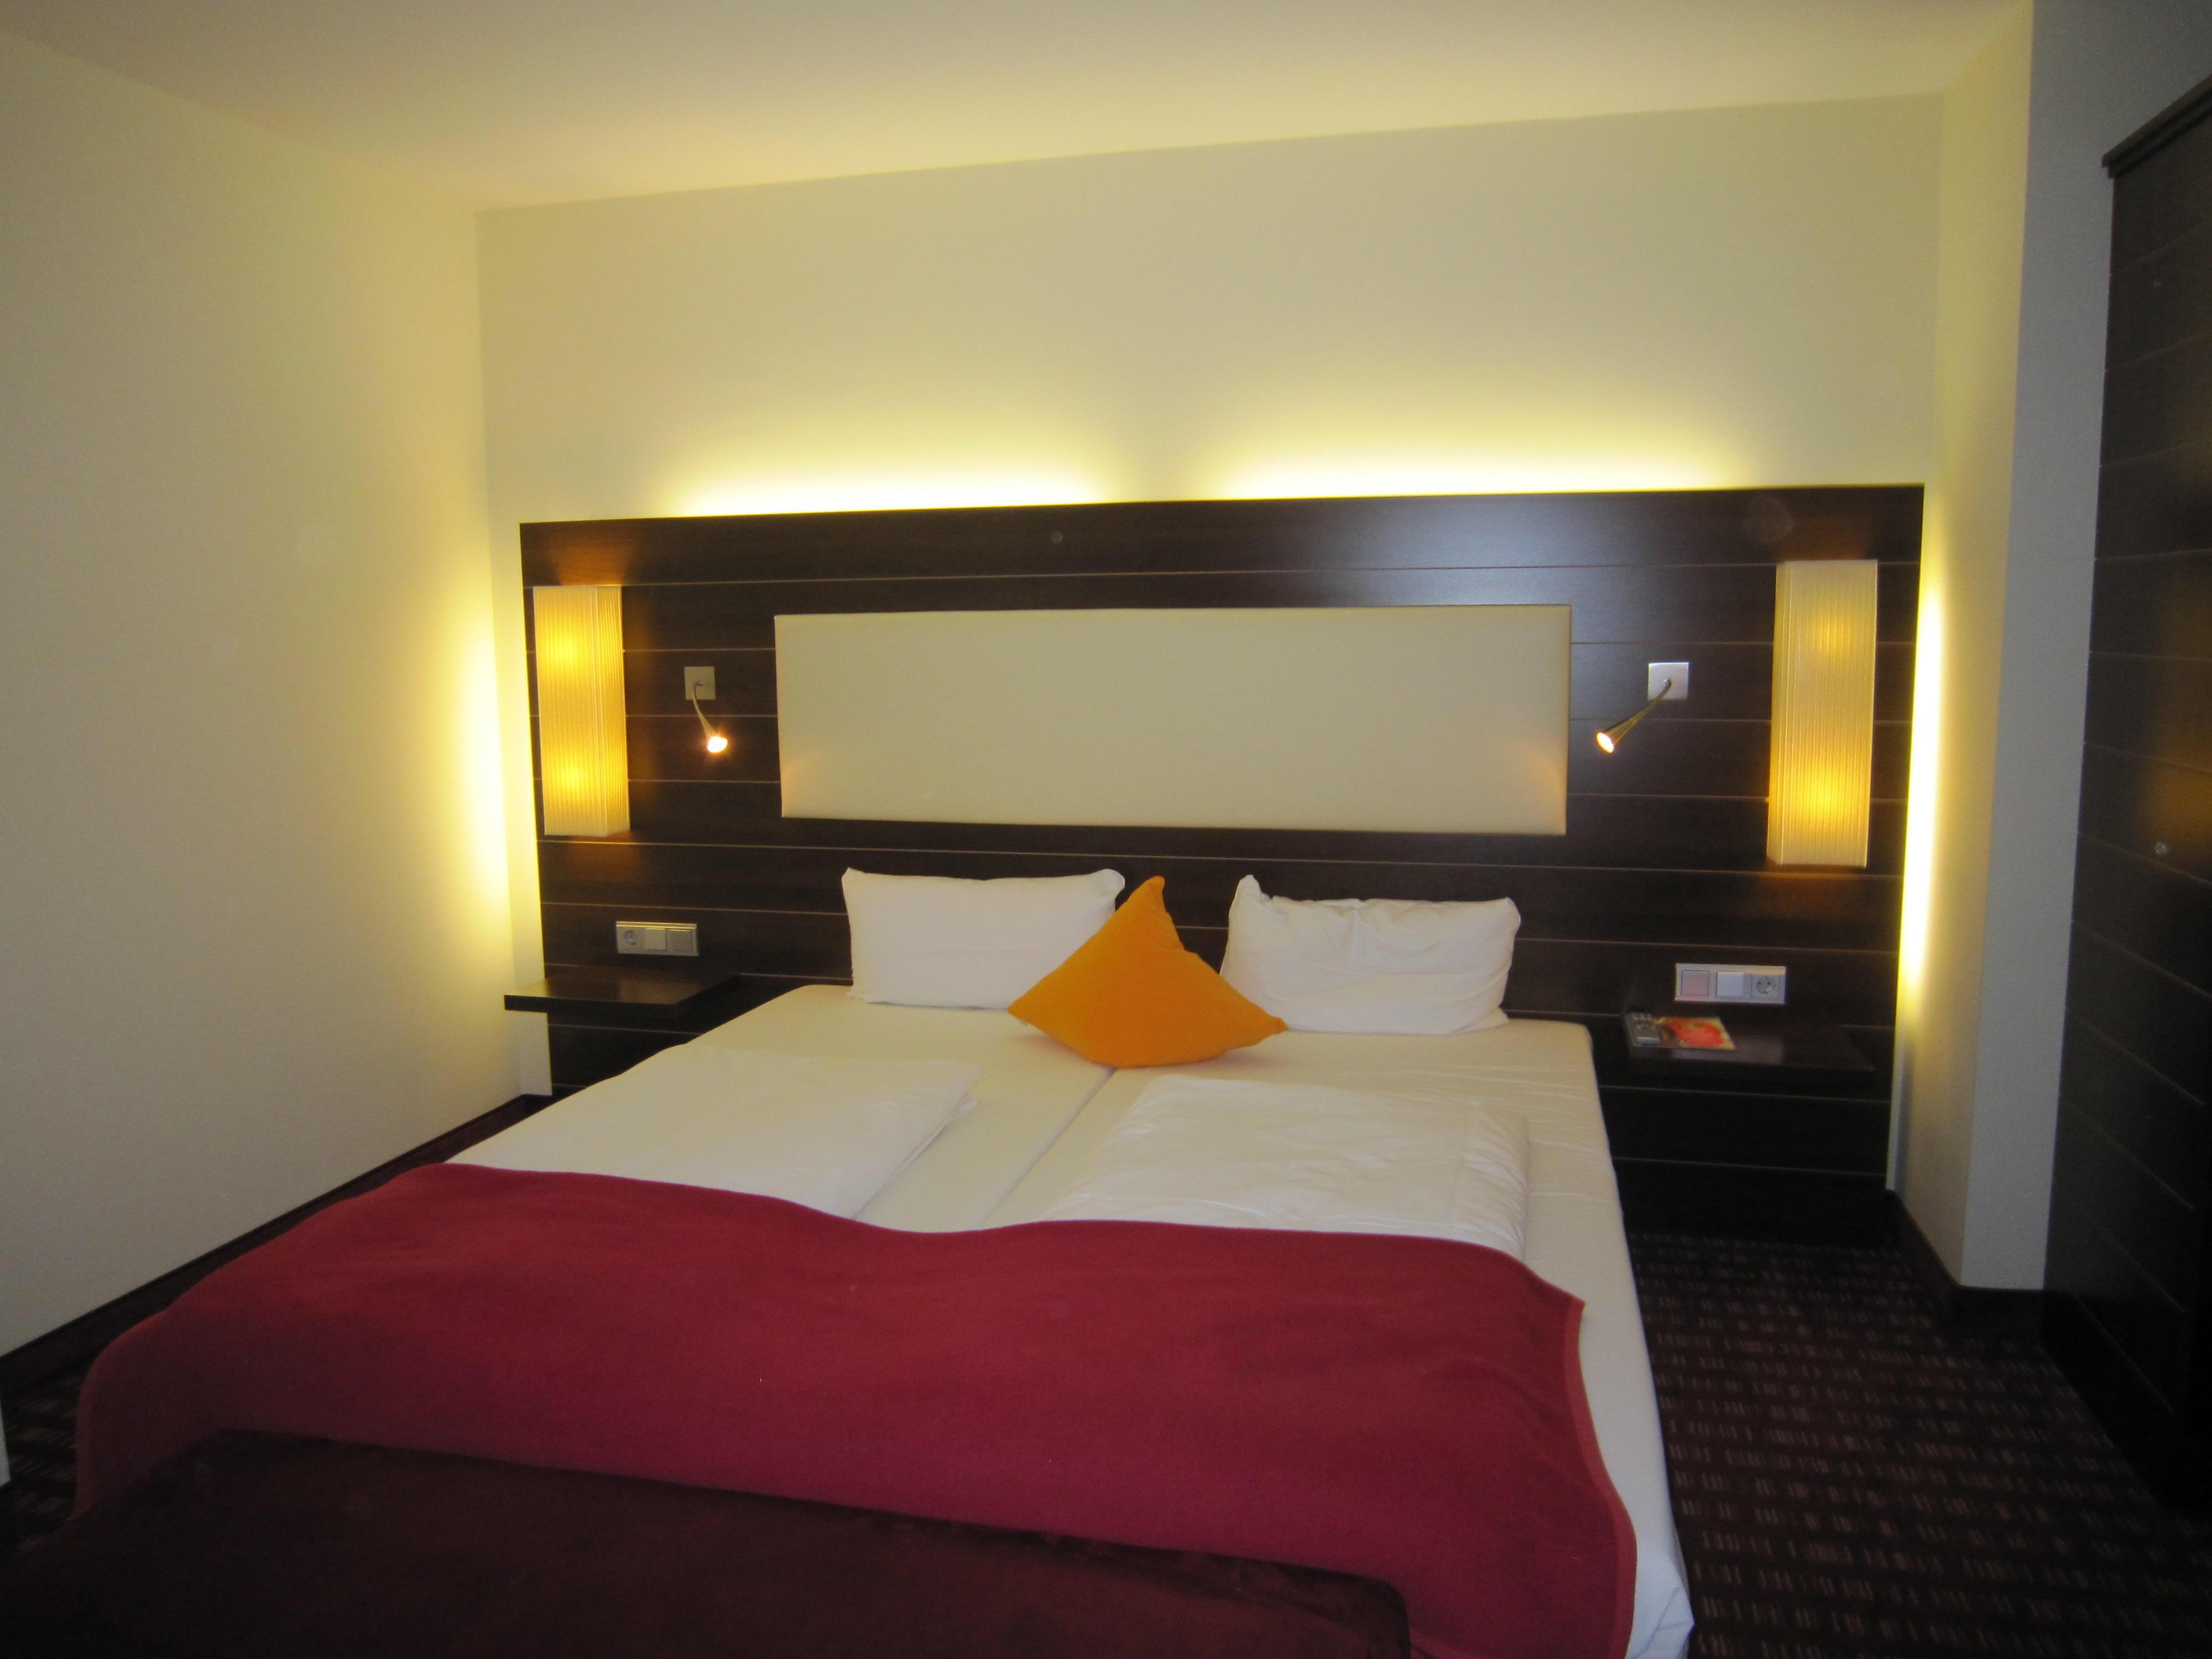 Hotel am stadtgarten designhotel in freiburg im breisgau for Designhotel deutschland